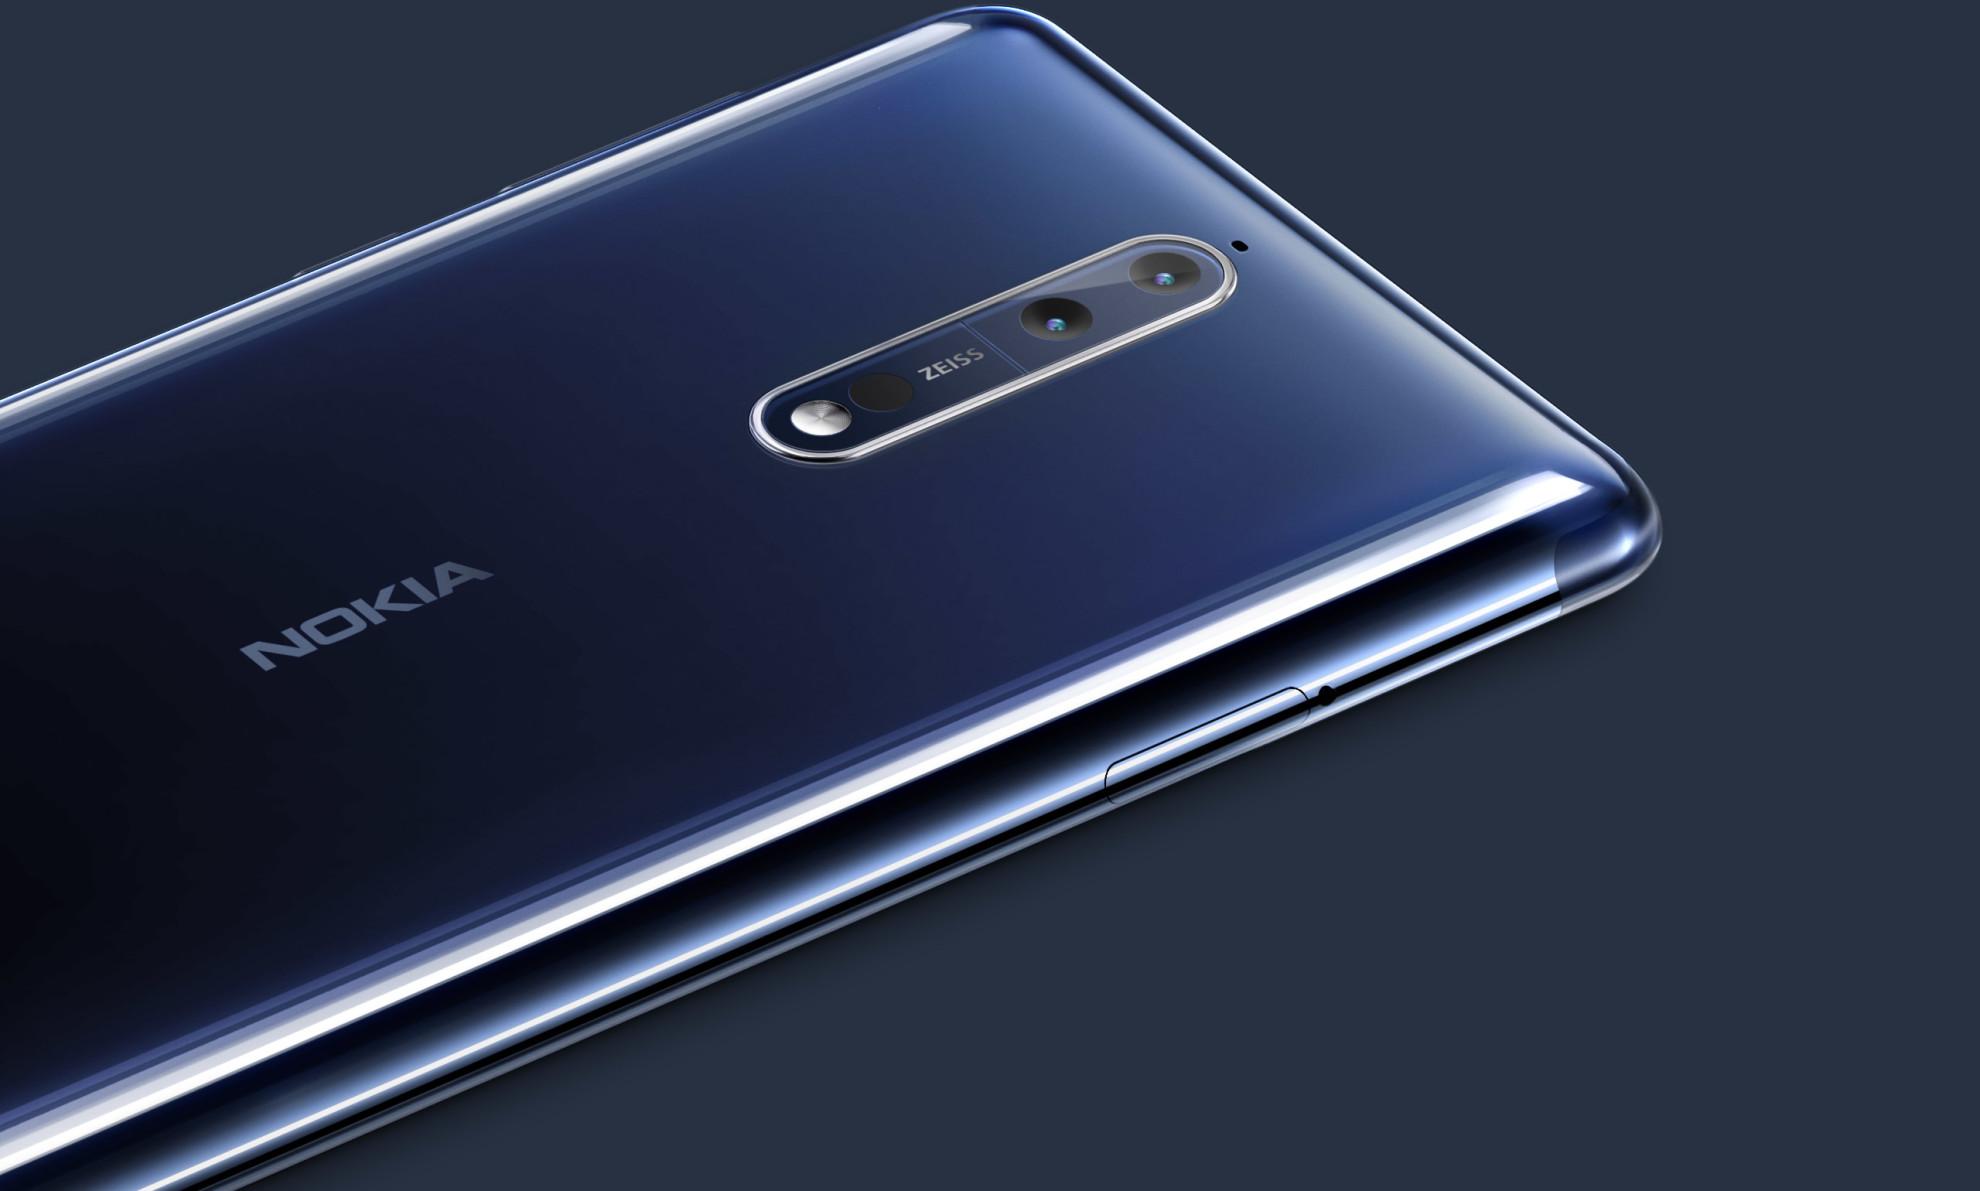 Какой смартфон лучше Ксиаоми или нокиа (xiaomi или nokia)